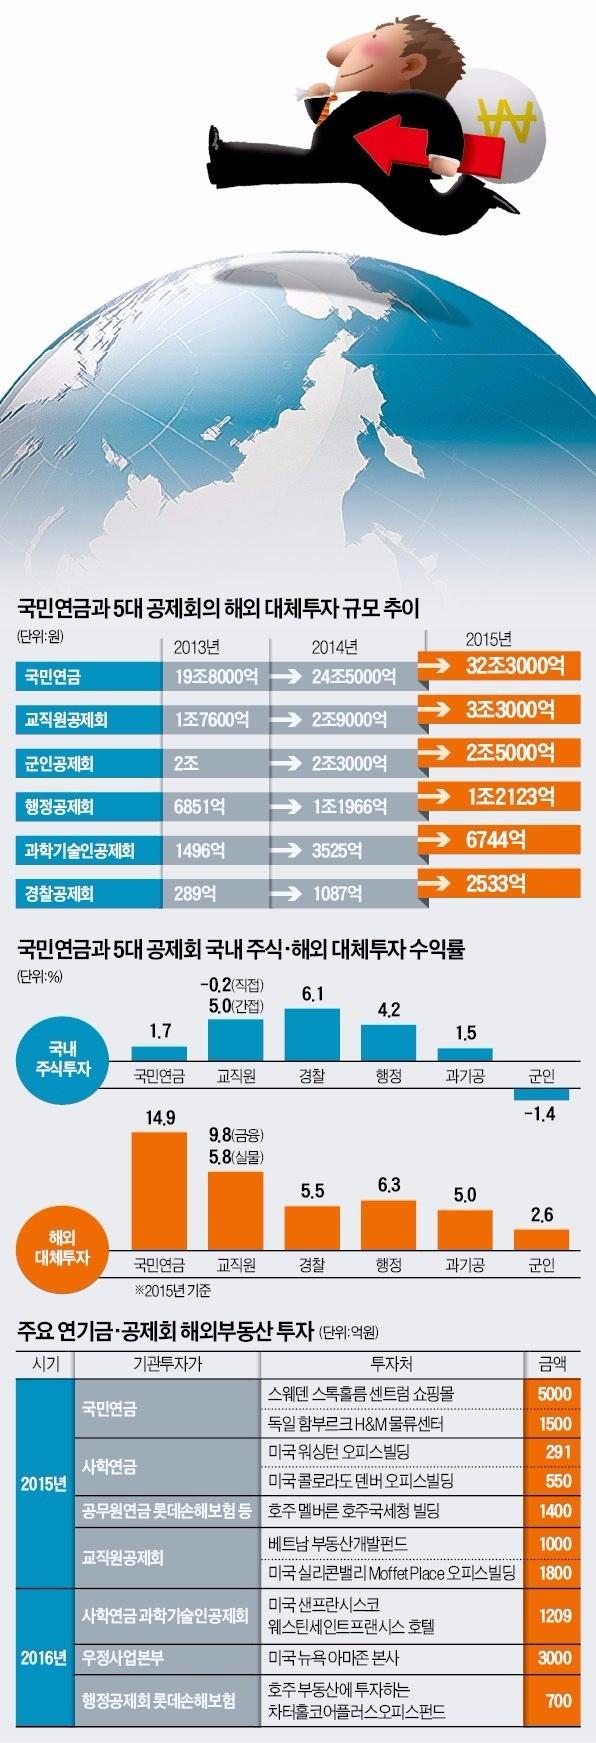 [돈이 한국을 떠난다] 주택도시기금, 국내 주식 1조 팔아 해외 ETF에 투자